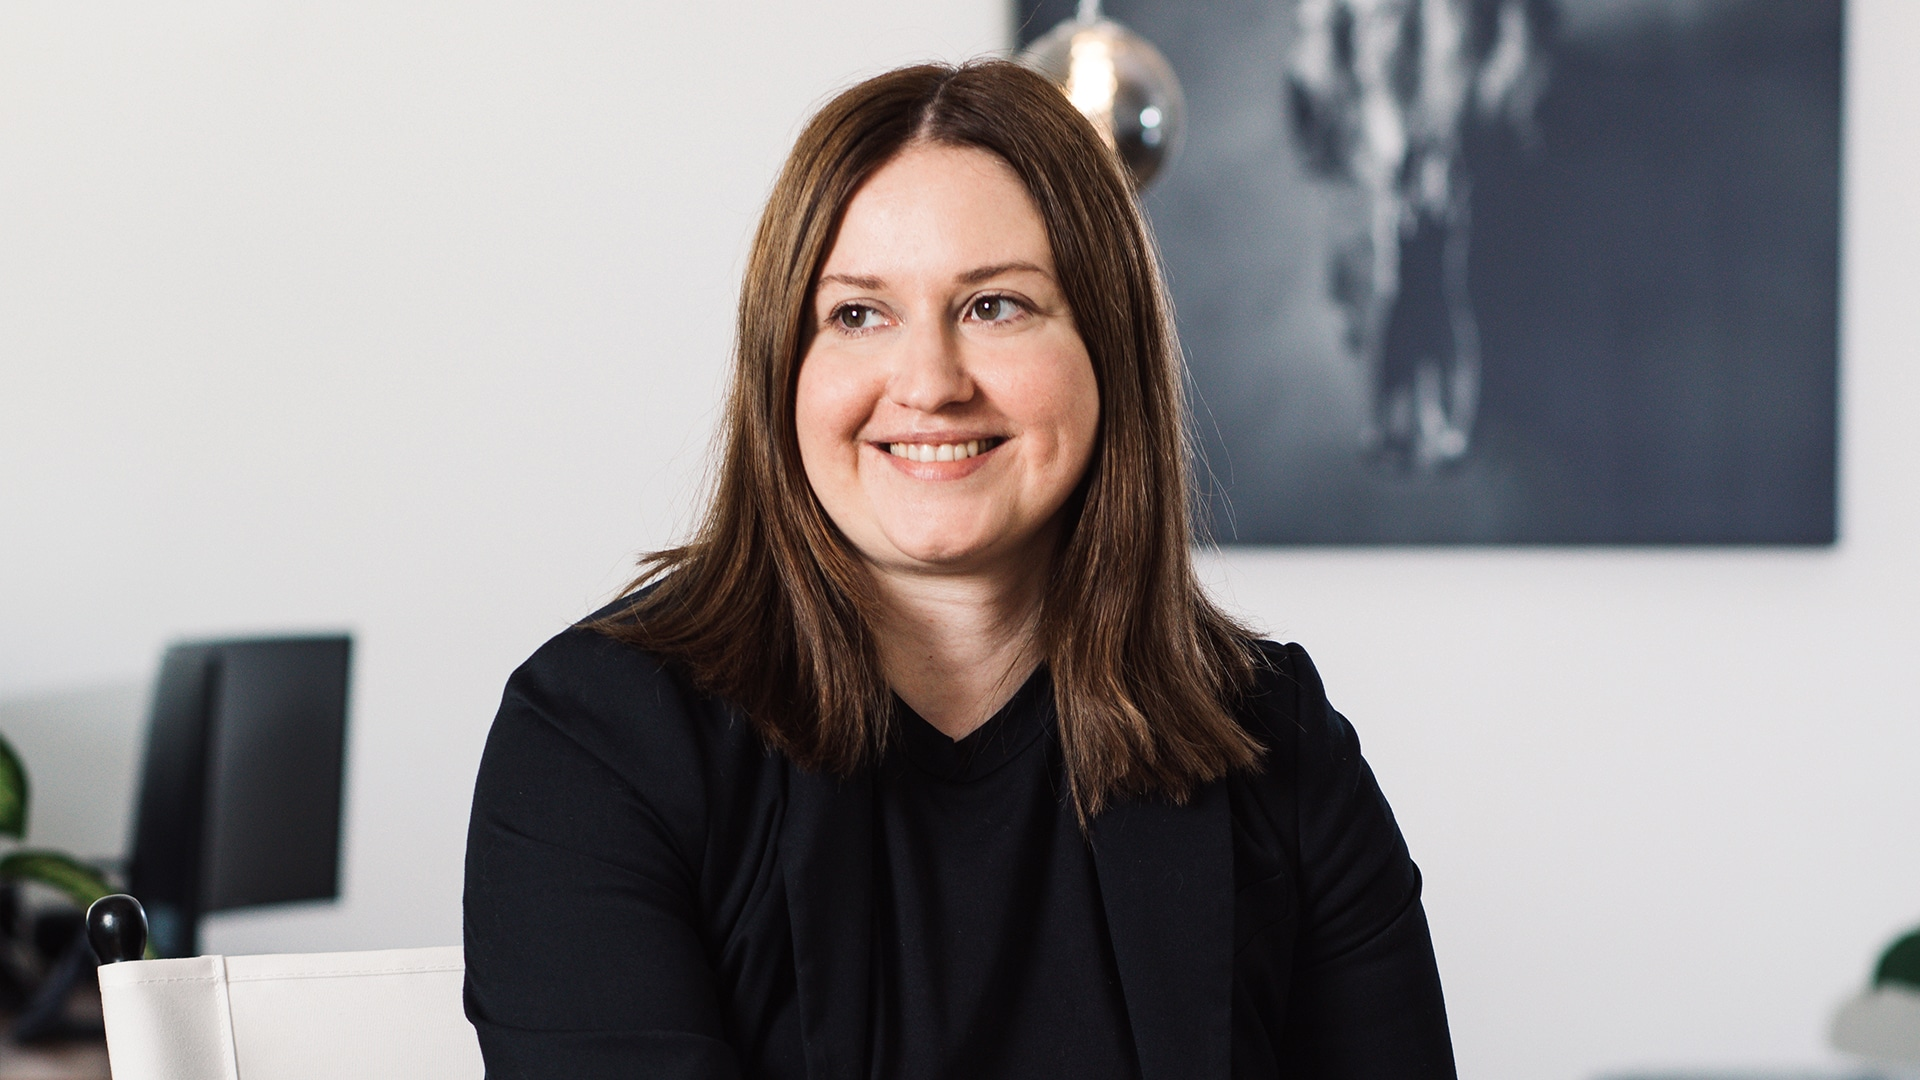 HELLO BEAUTY Marketing GmbH - Caterina Arrighi - Es ist meine Leidenschaft zu schreiben. Mit meinen SEO Aufträgen verbinde ich sogarzwei Leidenschaften - SEO & Beauty.